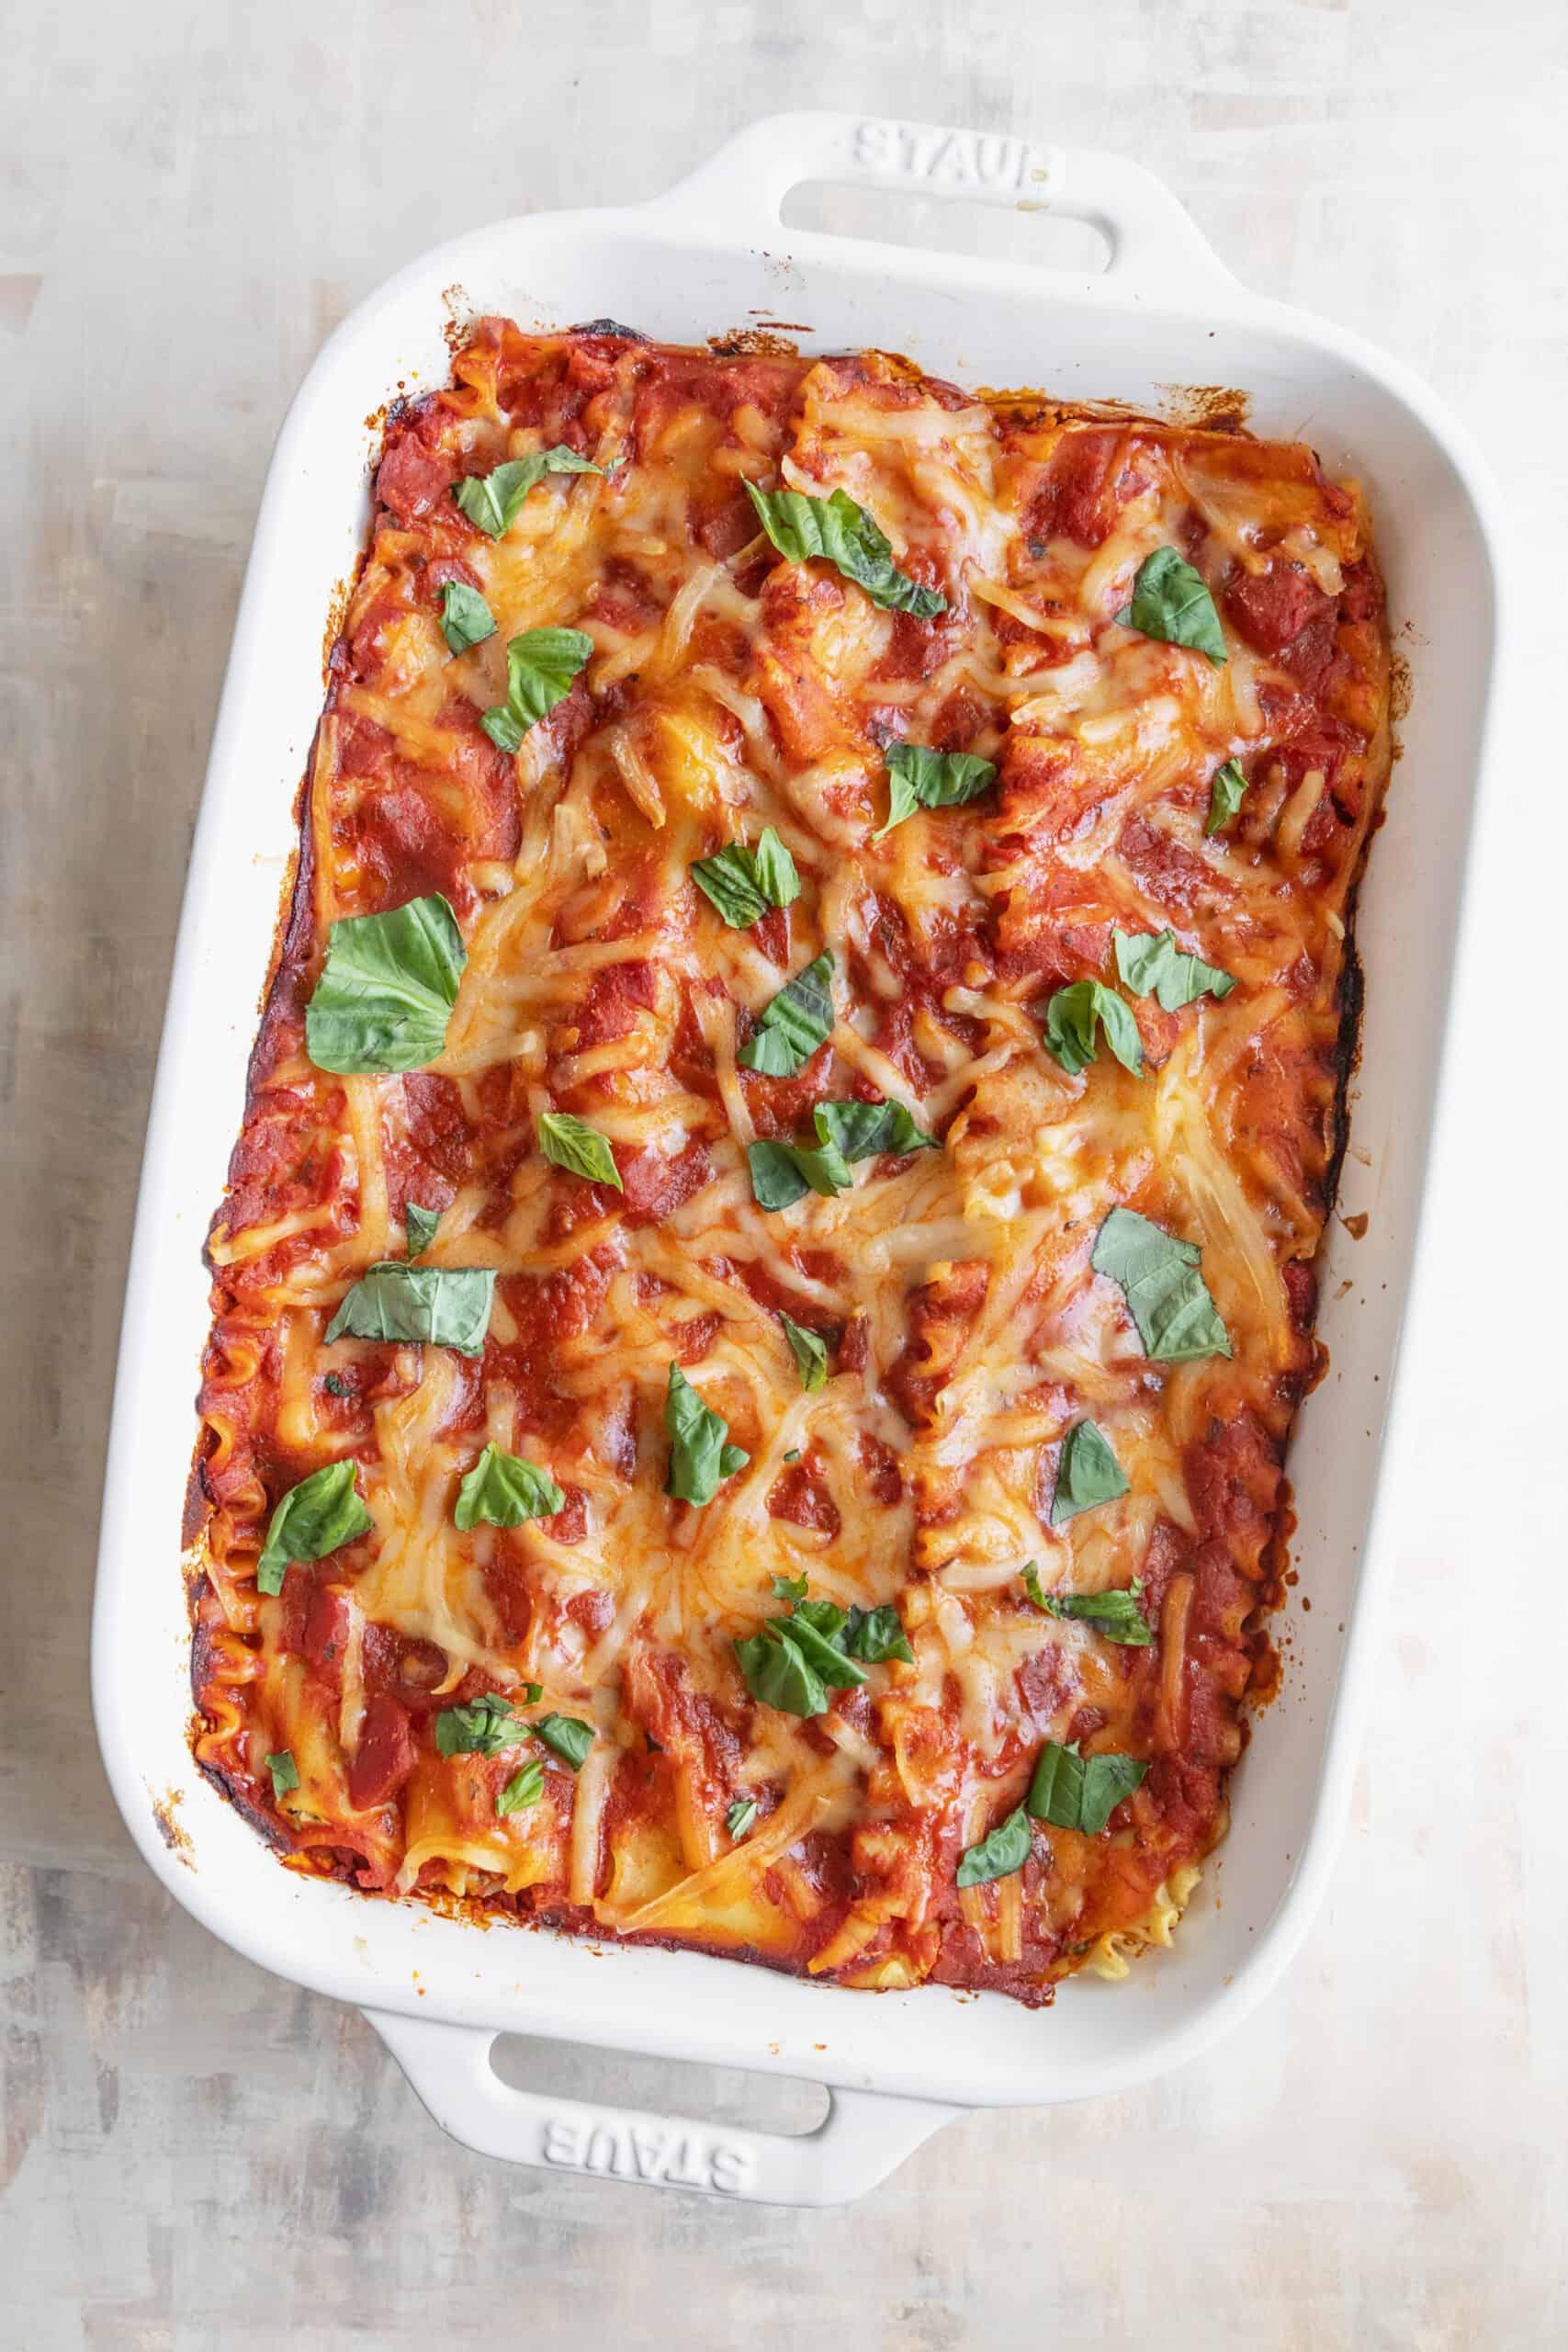 The best vegan lasagna recipe